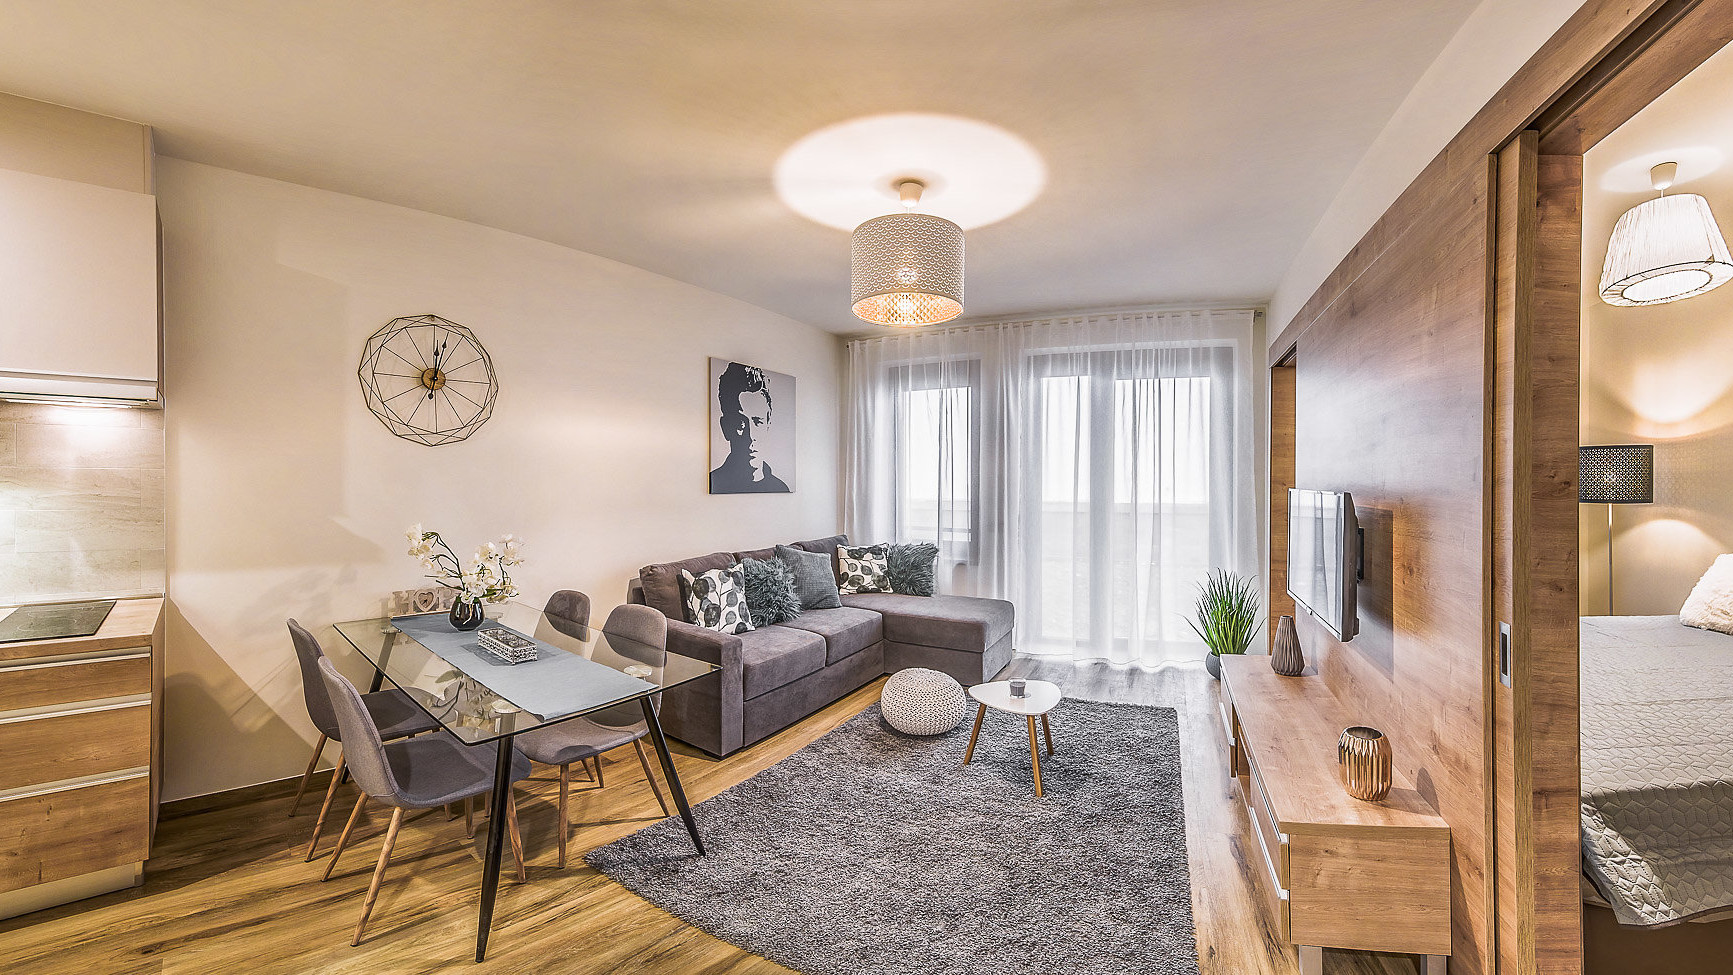 20180202 crystalproperty1 szekelybertalan 005 2K NW uai - Art Homes Budapest